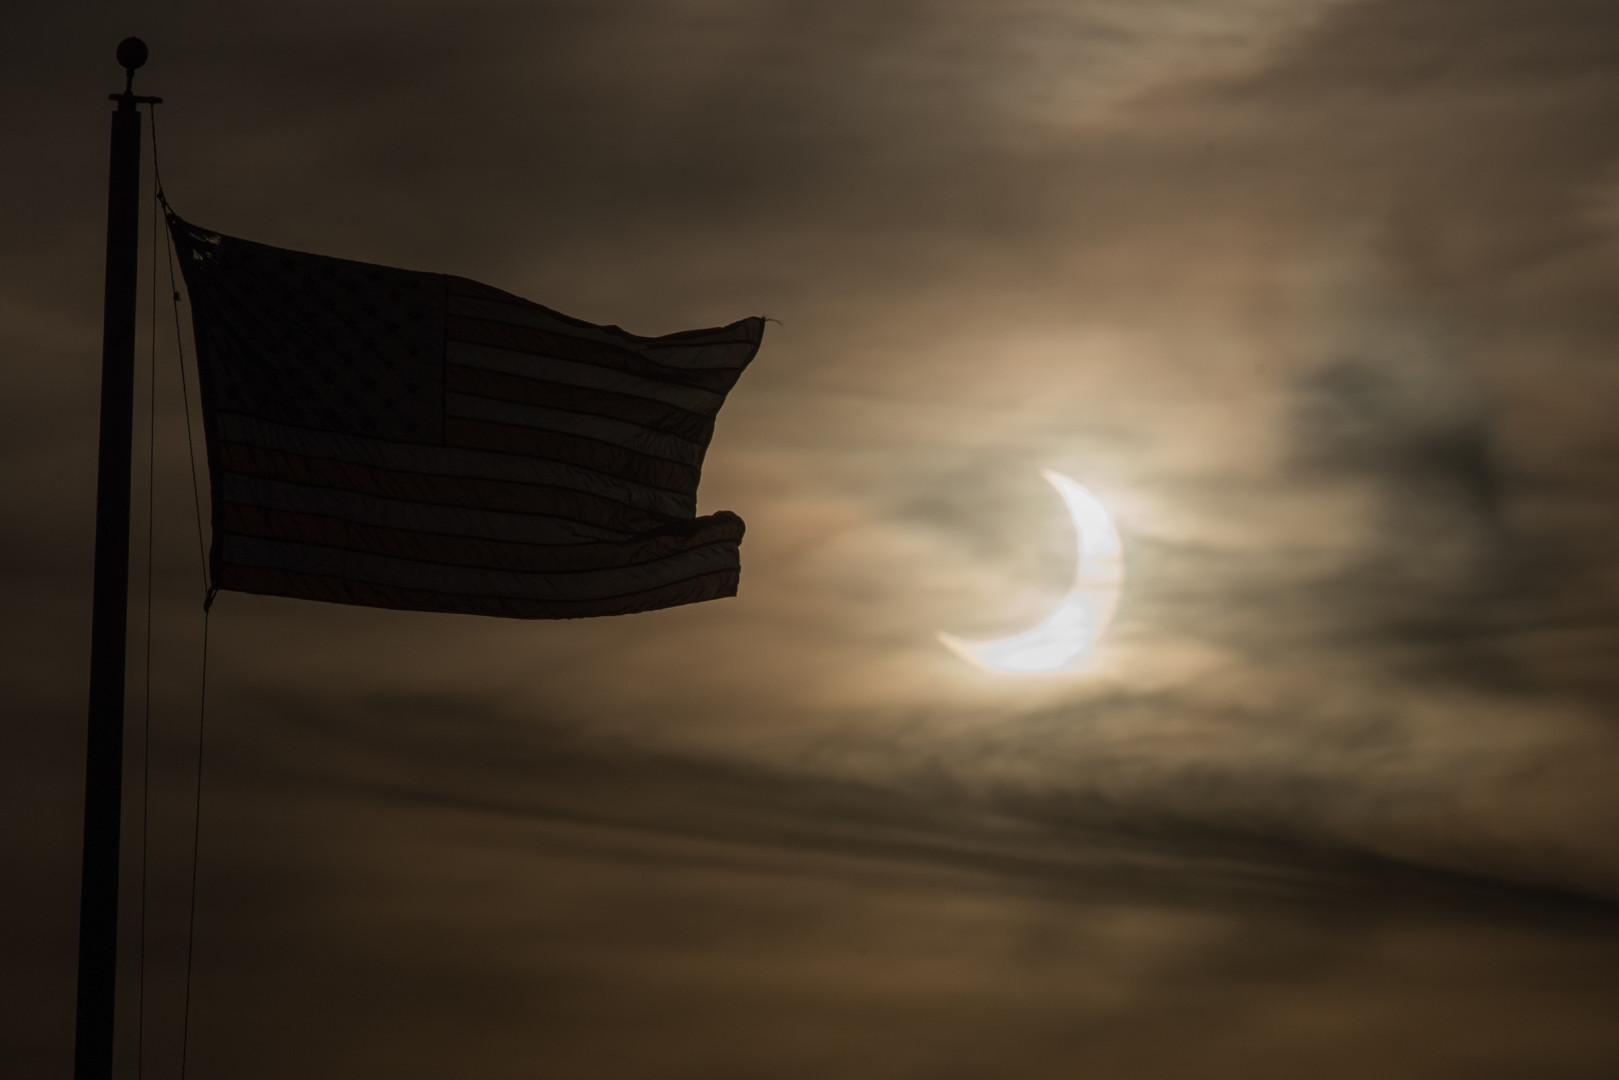 Un soleil éclipsé se lève à côté d'un drapeau le 10 juin 2021 à Scituate, Massachusetts.